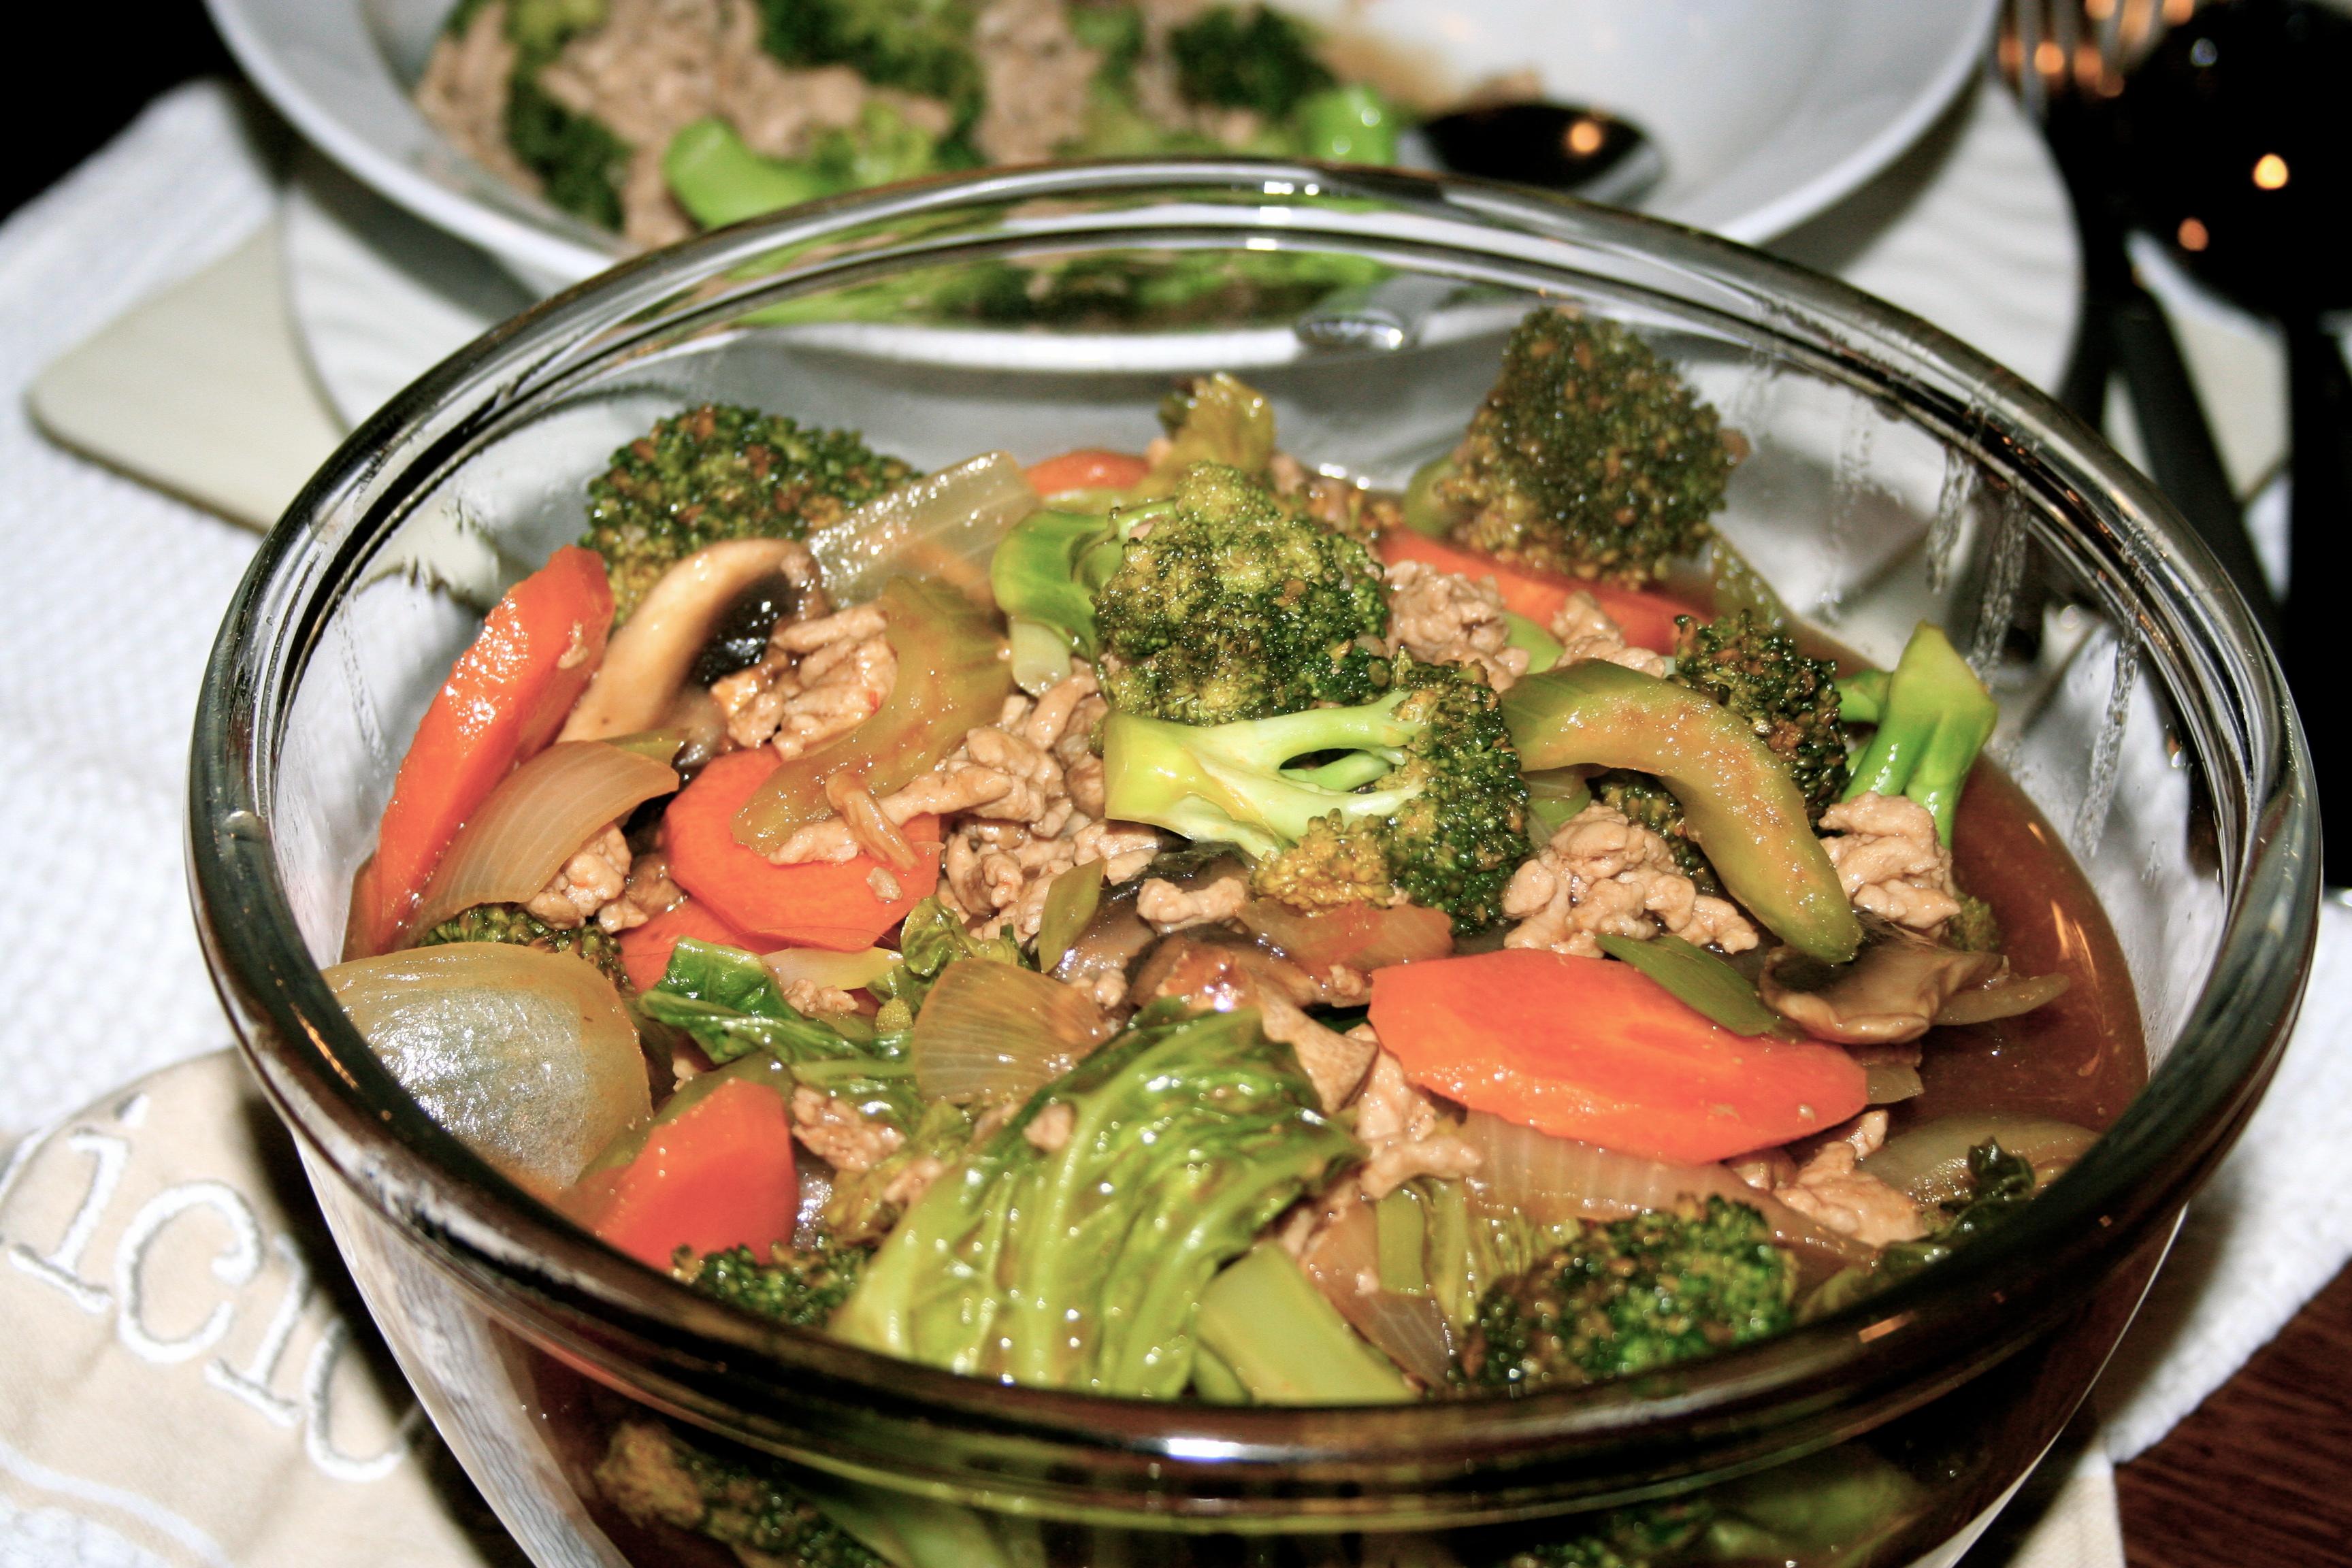 Resep Cara Membuat Capcay Enak Mudah Resep Masakan Dapur Arie